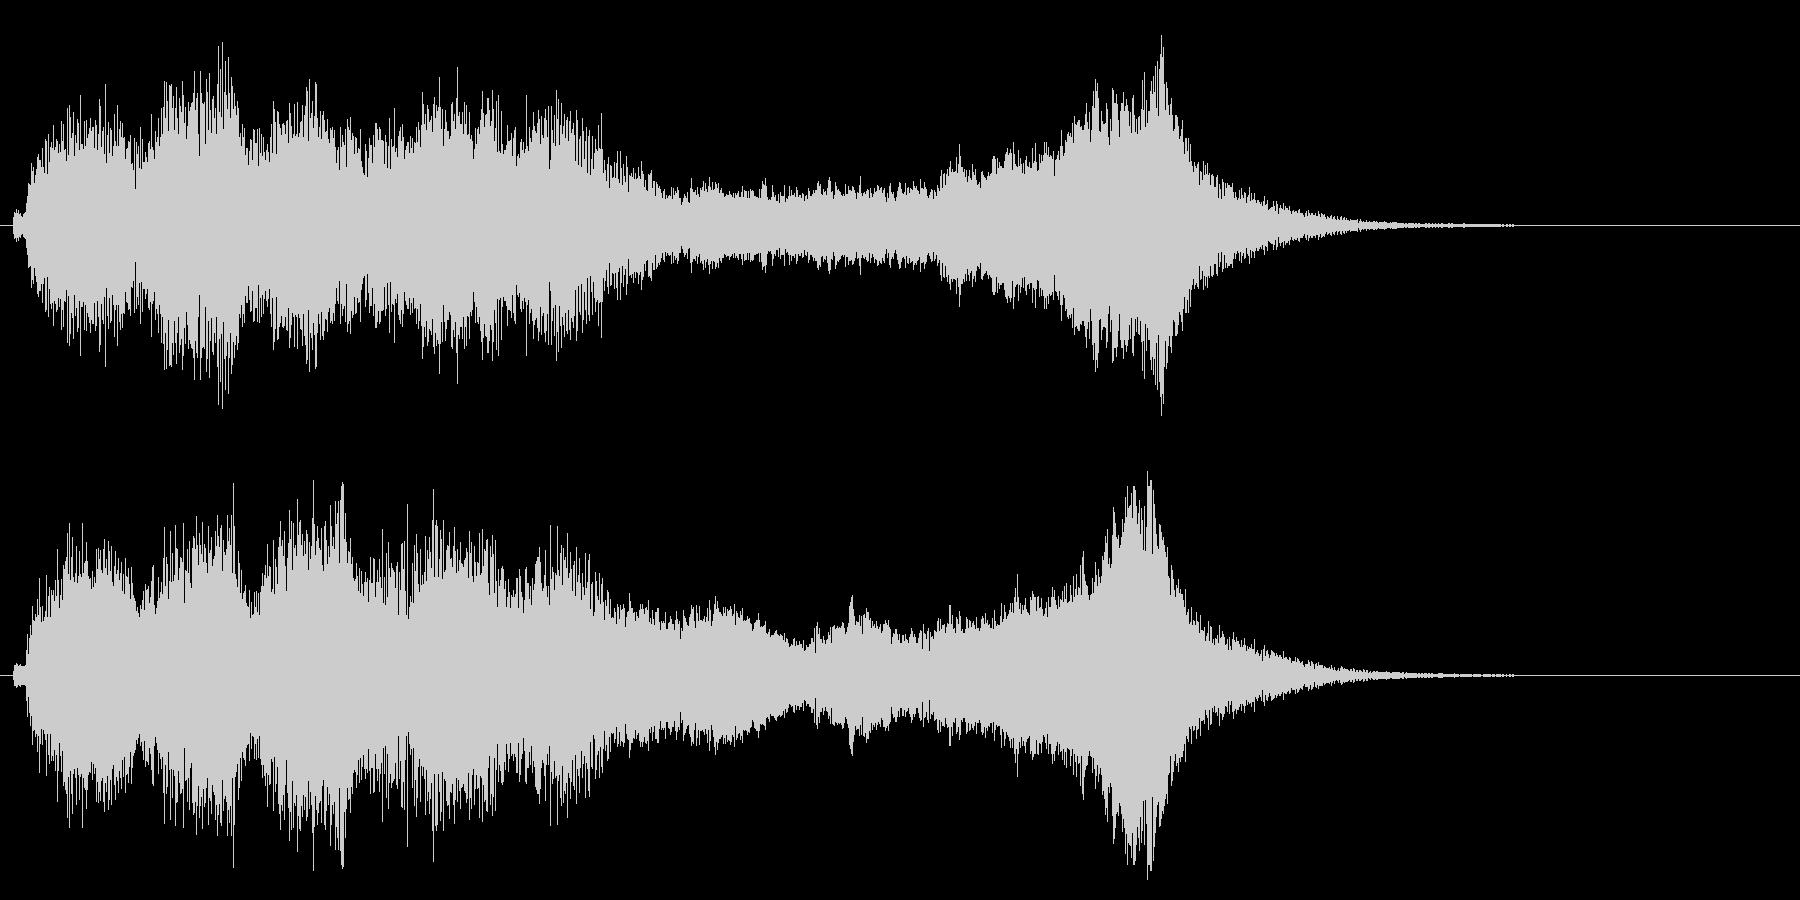 華やかで明るいファンファーレ1の未再生の波形